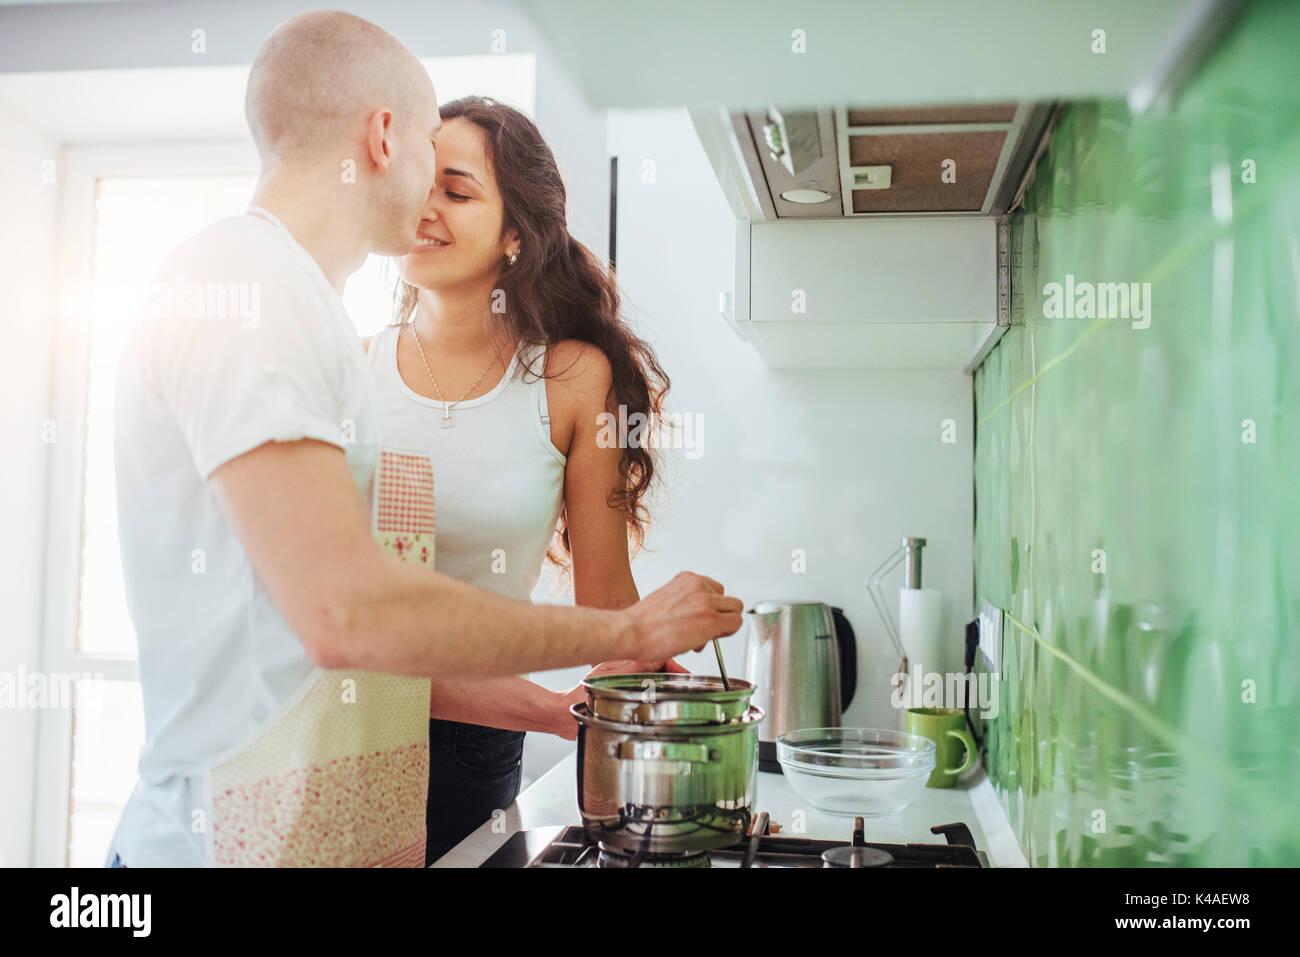 Joven pareja feliz preparando sobre la estufa Foto de stock